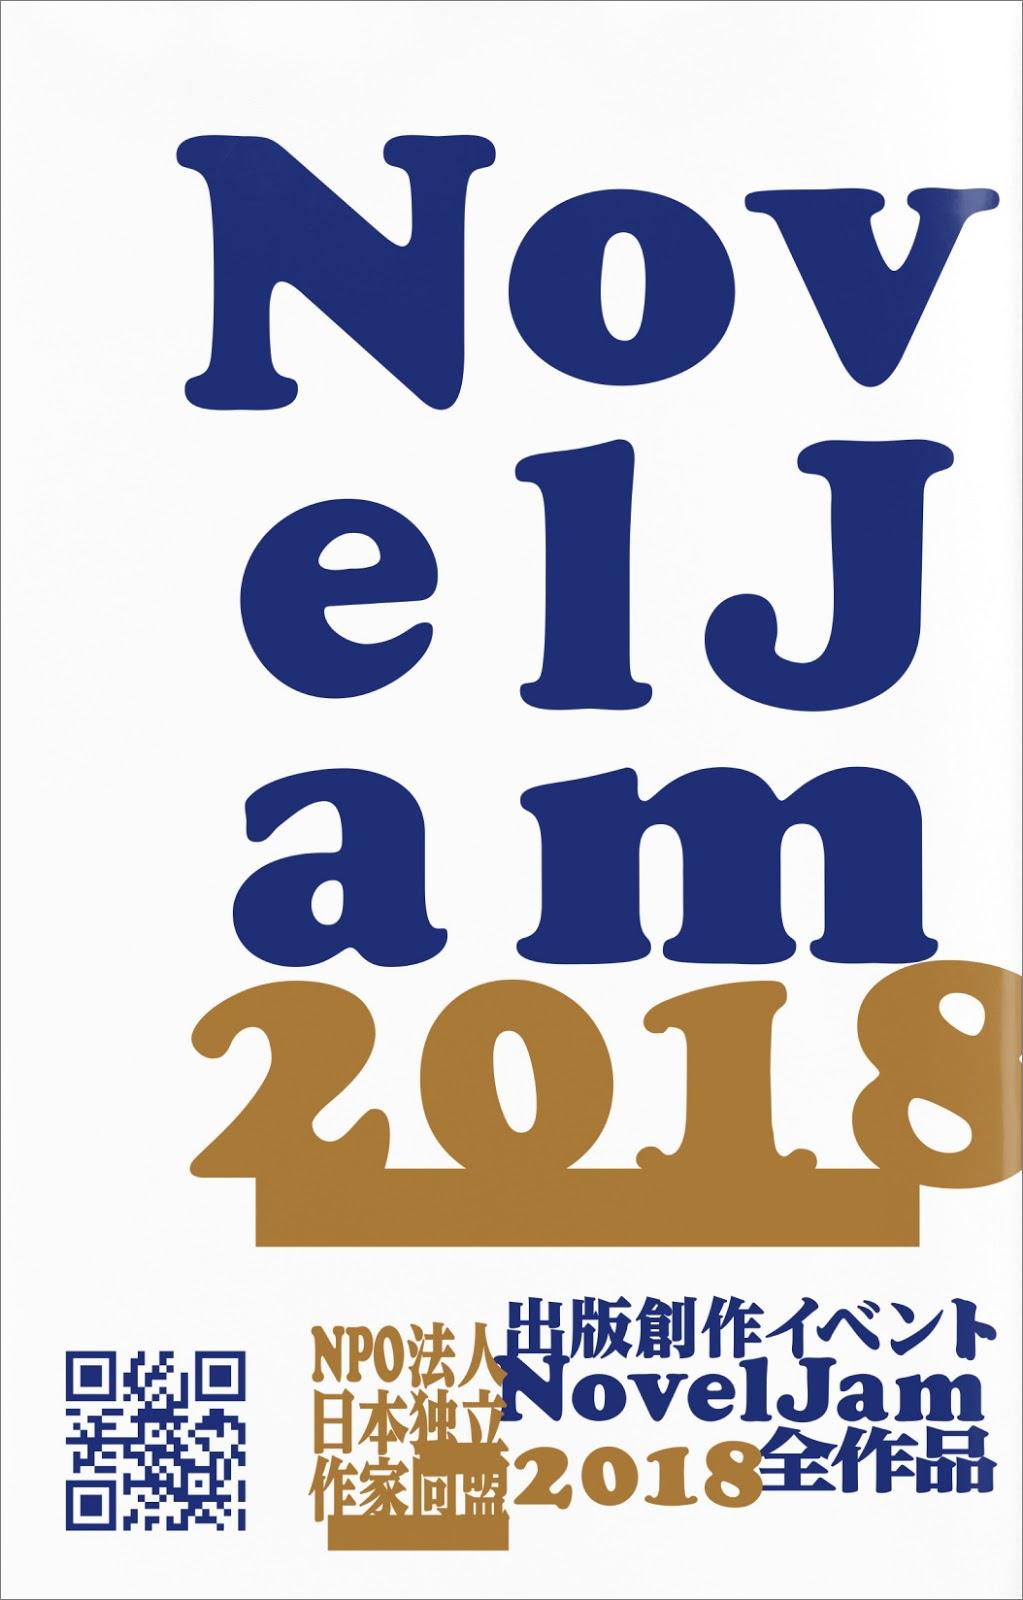 出版創作イベント「NovelJam 2018」全作品〈群雛NovelJam〉